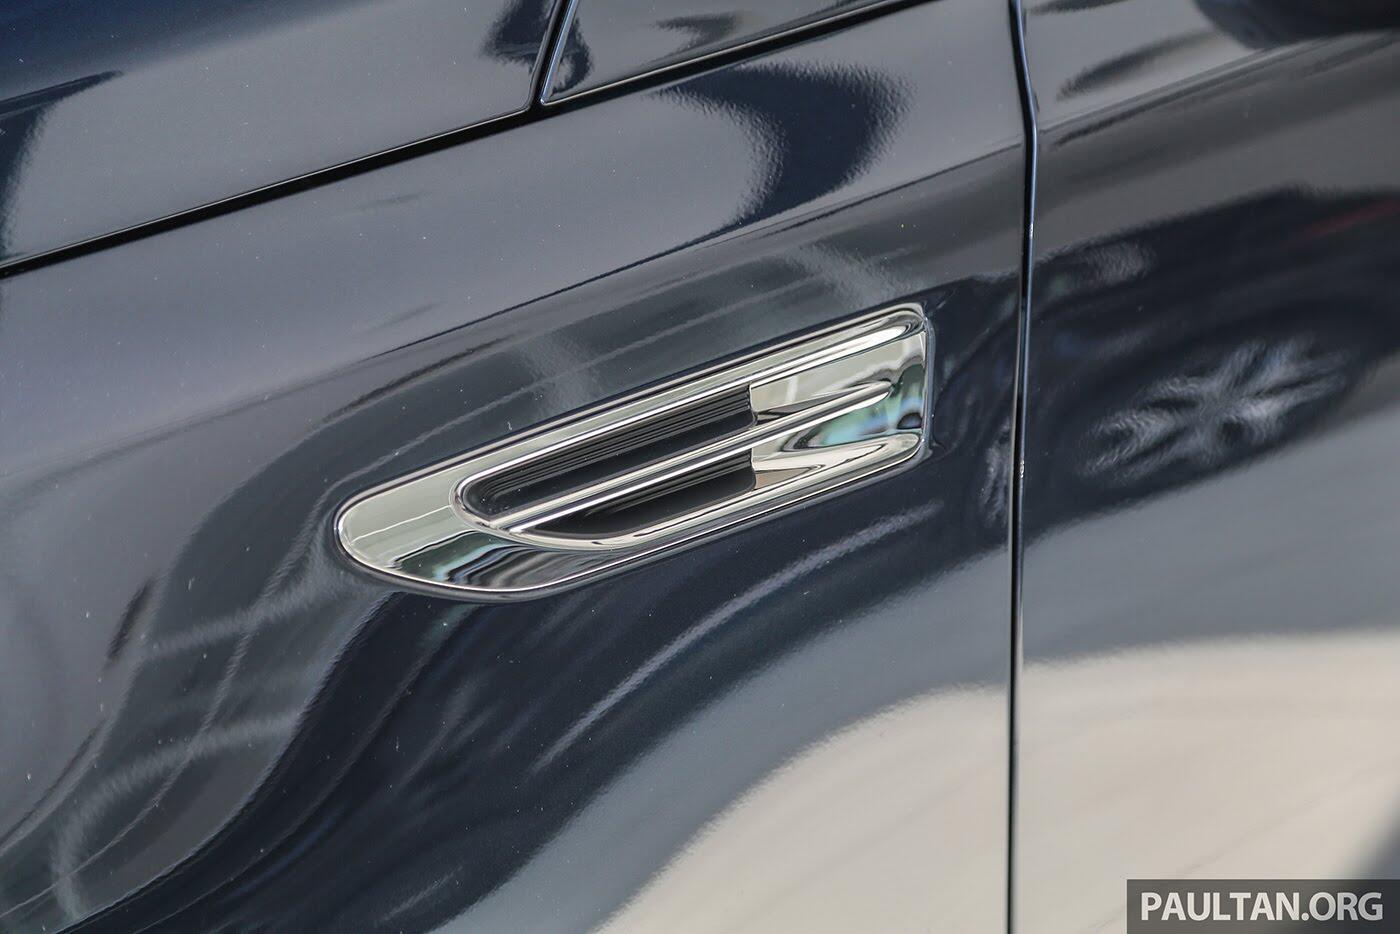 Xem thêm ảnh Kia Optima GT 2017 - Hình 10